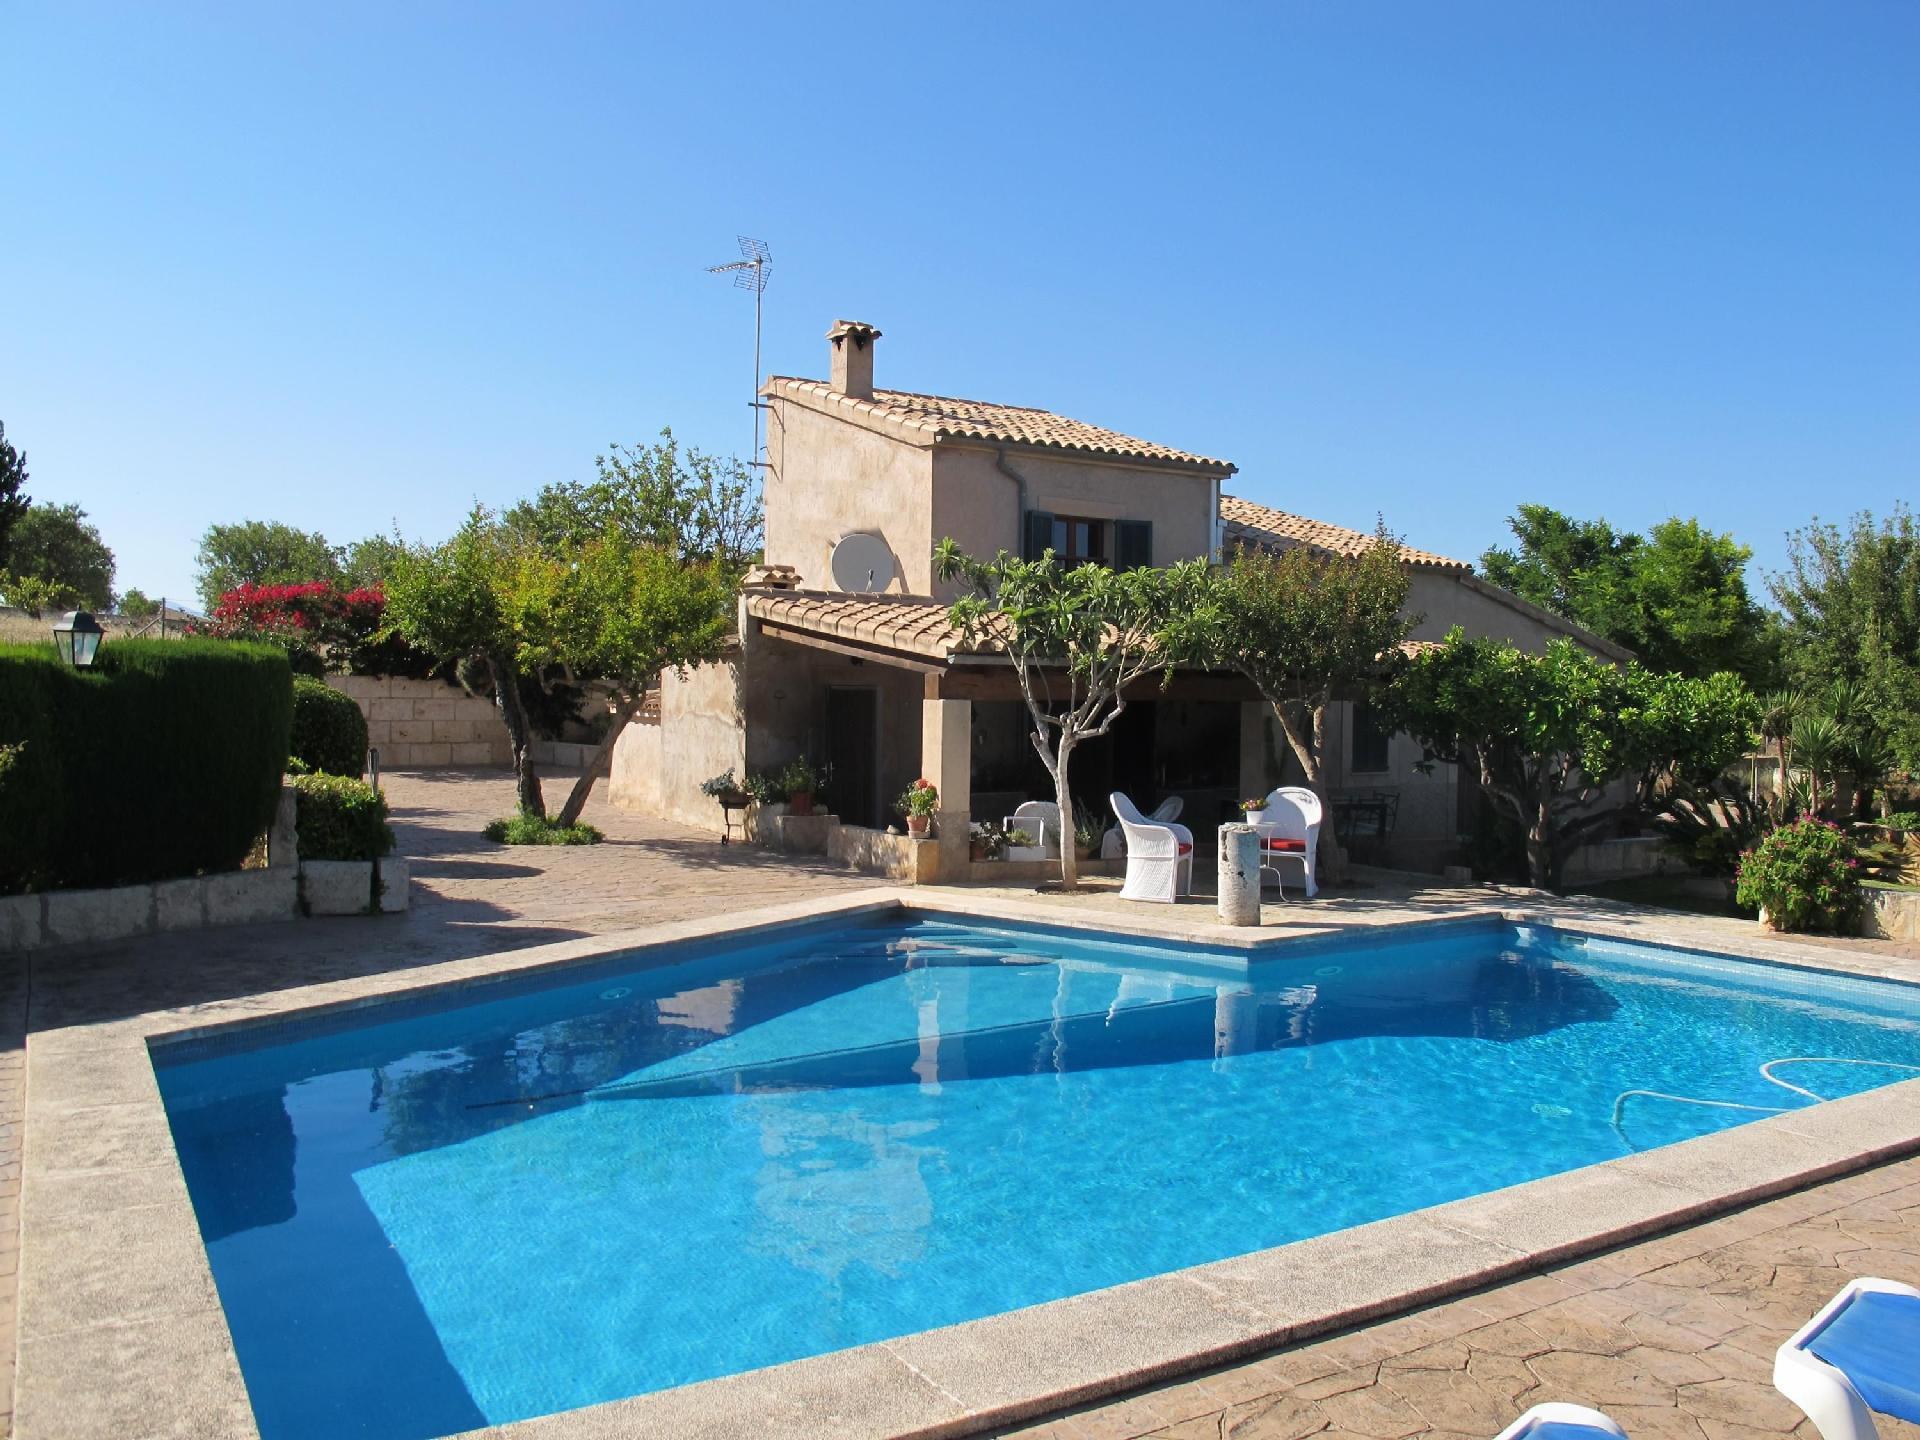 Ferienhaus mit Privatpool für 7 Personen ca.  Bauernhof in Spanien